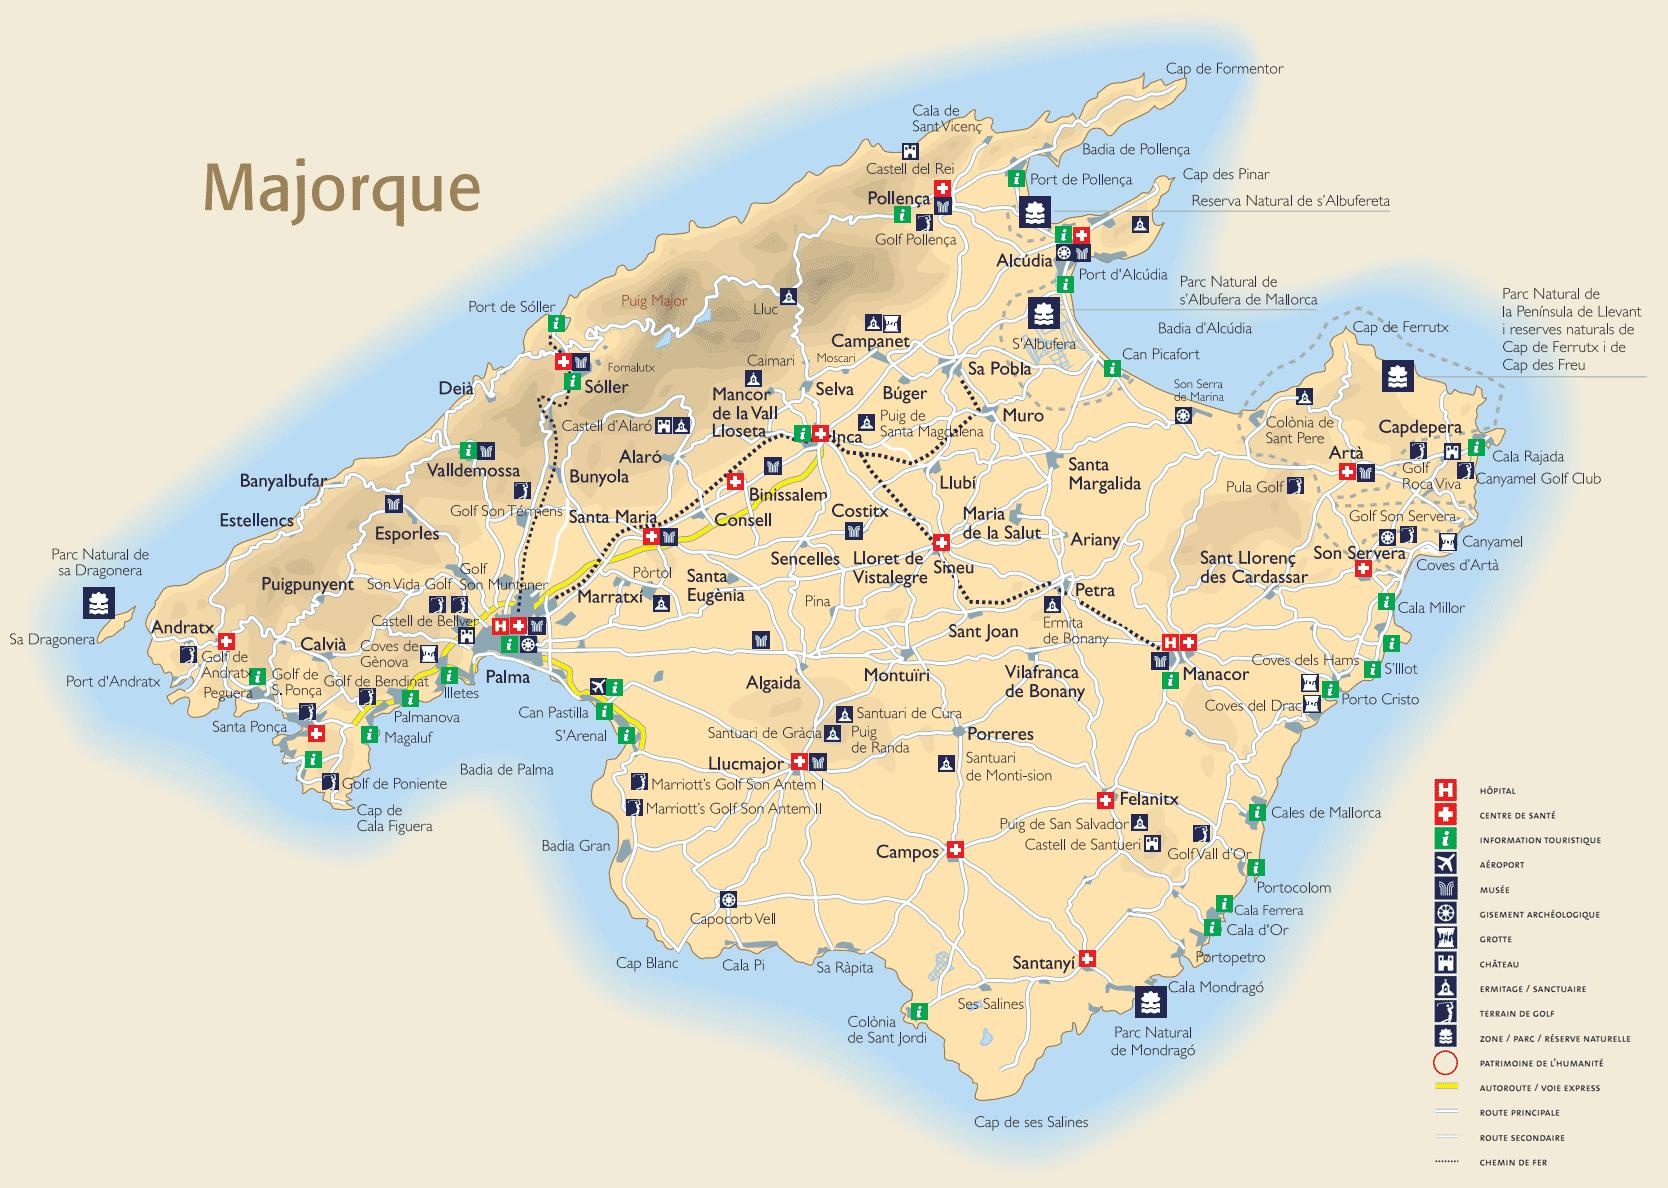 Liste Villes  Ef Bf Bdle Majorque